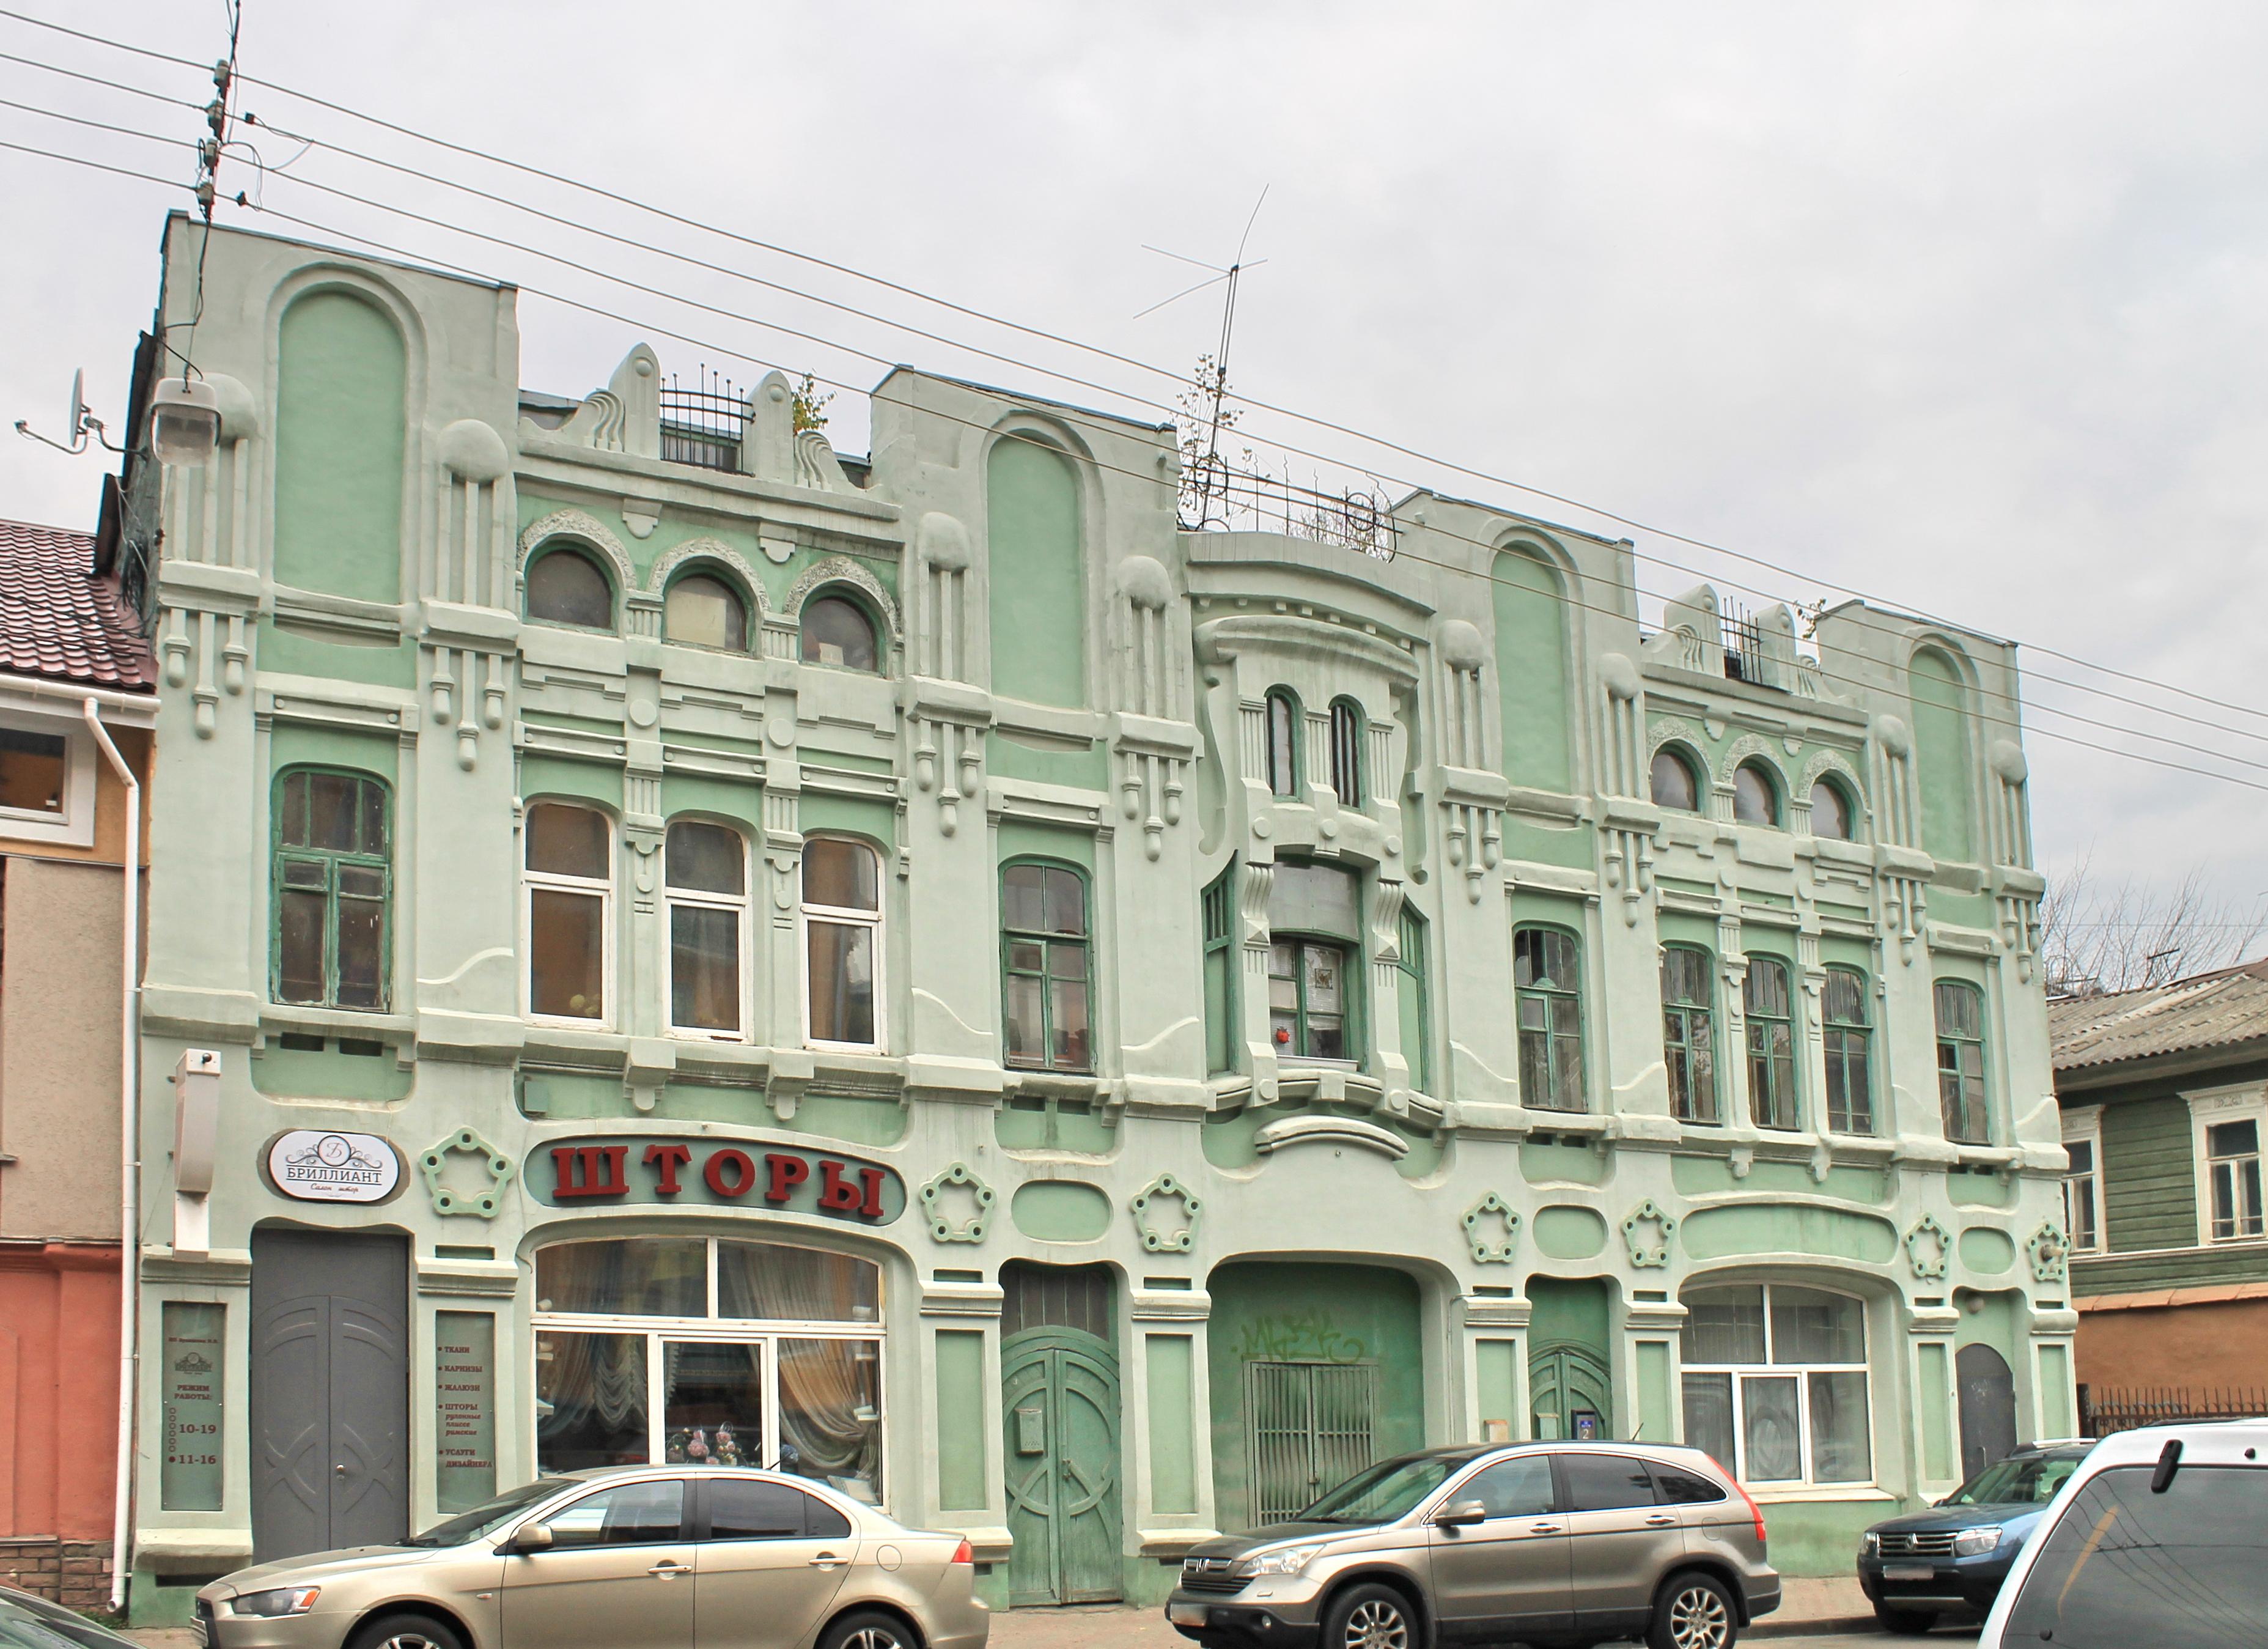 Торговый дом рубеж нижний новгород торревьеха продажа домов